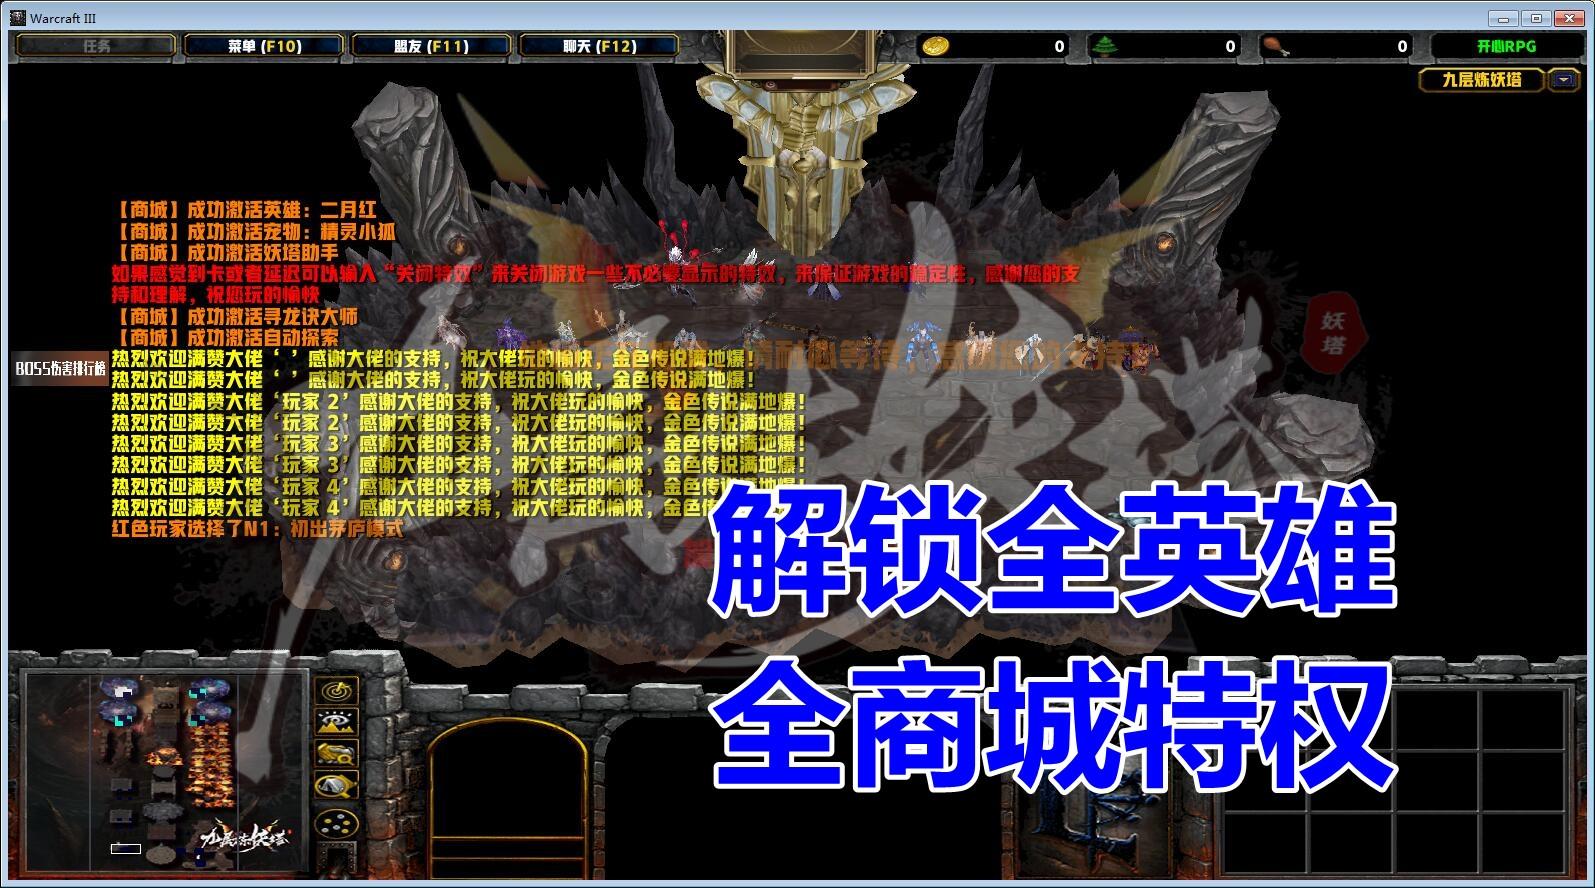 九层炼妖塔1.0.21TOP破解 解锁全英雄+全商城特权+存档通关道具+天道风神剑+刷物品无CD